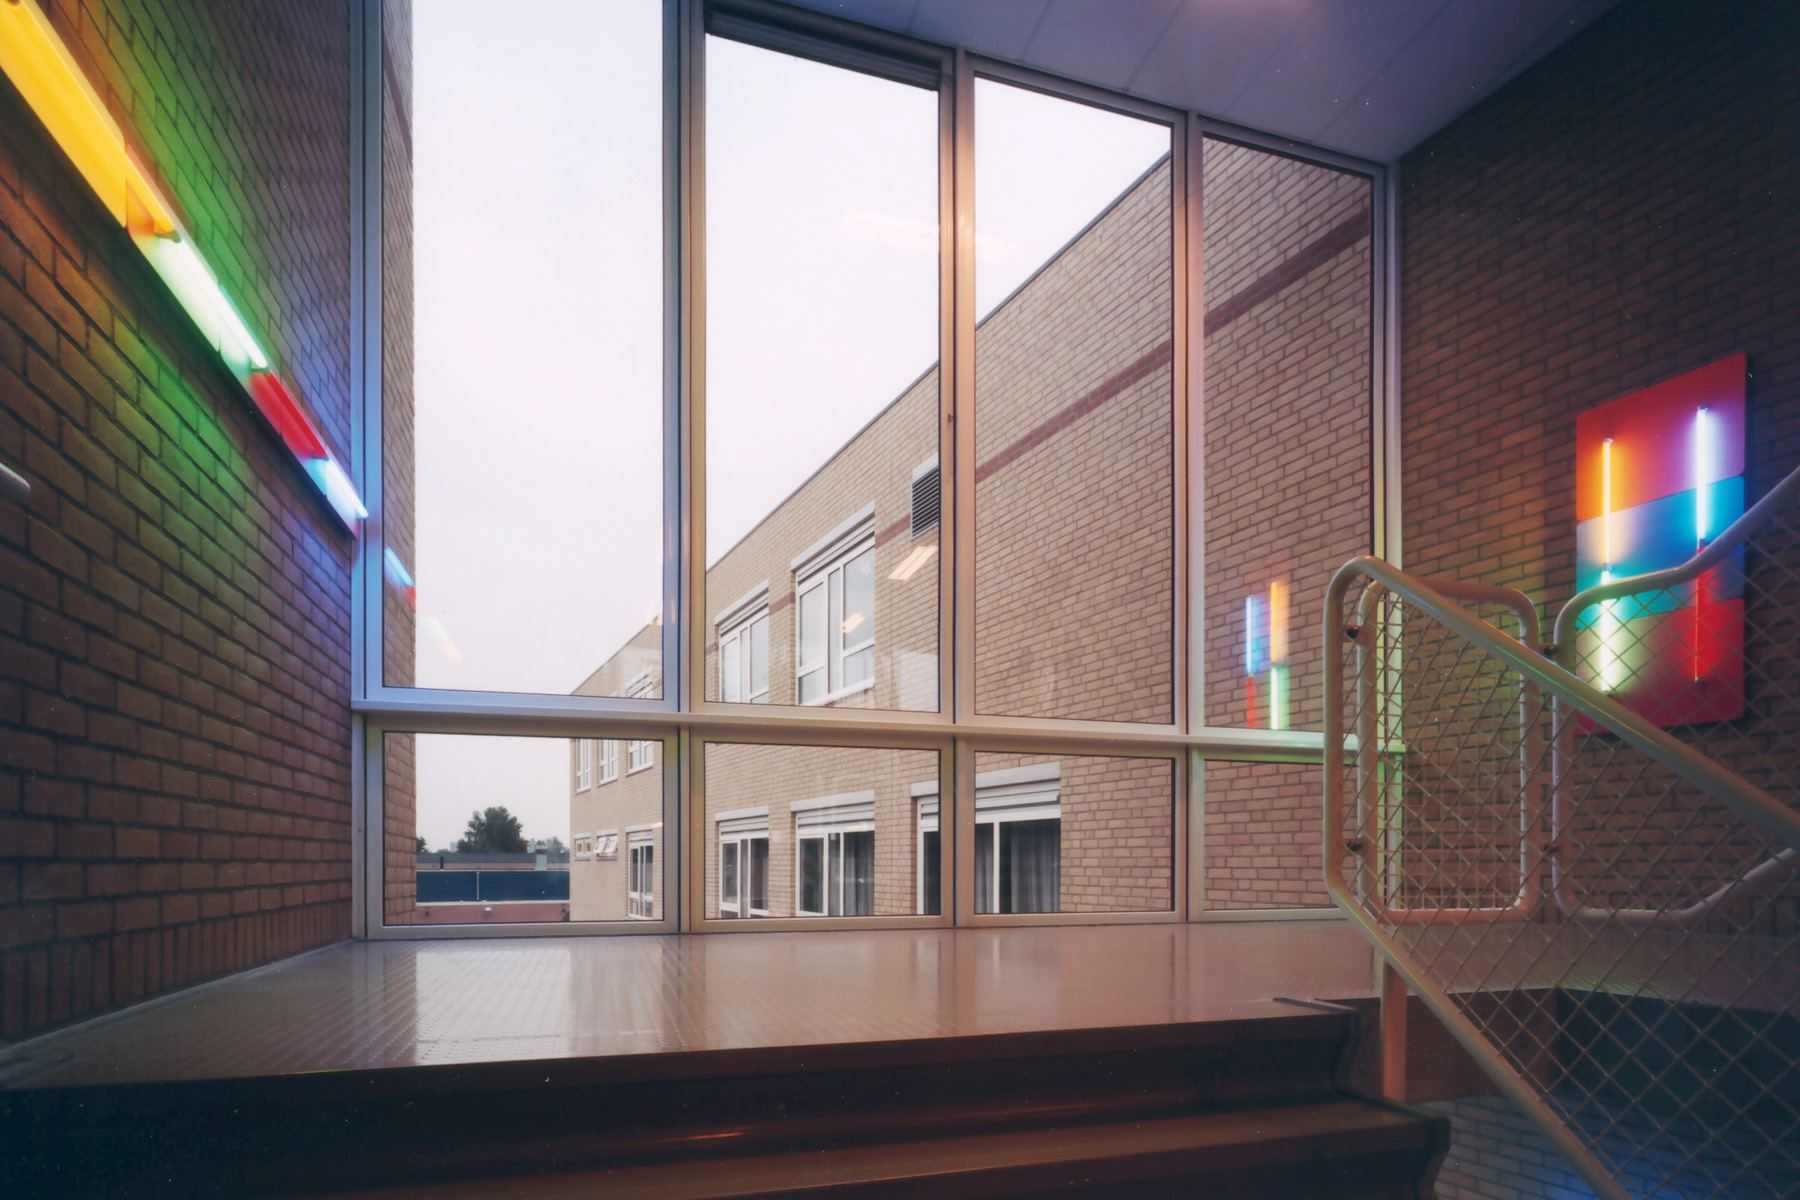 Lichtkunstwerken Pascal College, Apeldoorn